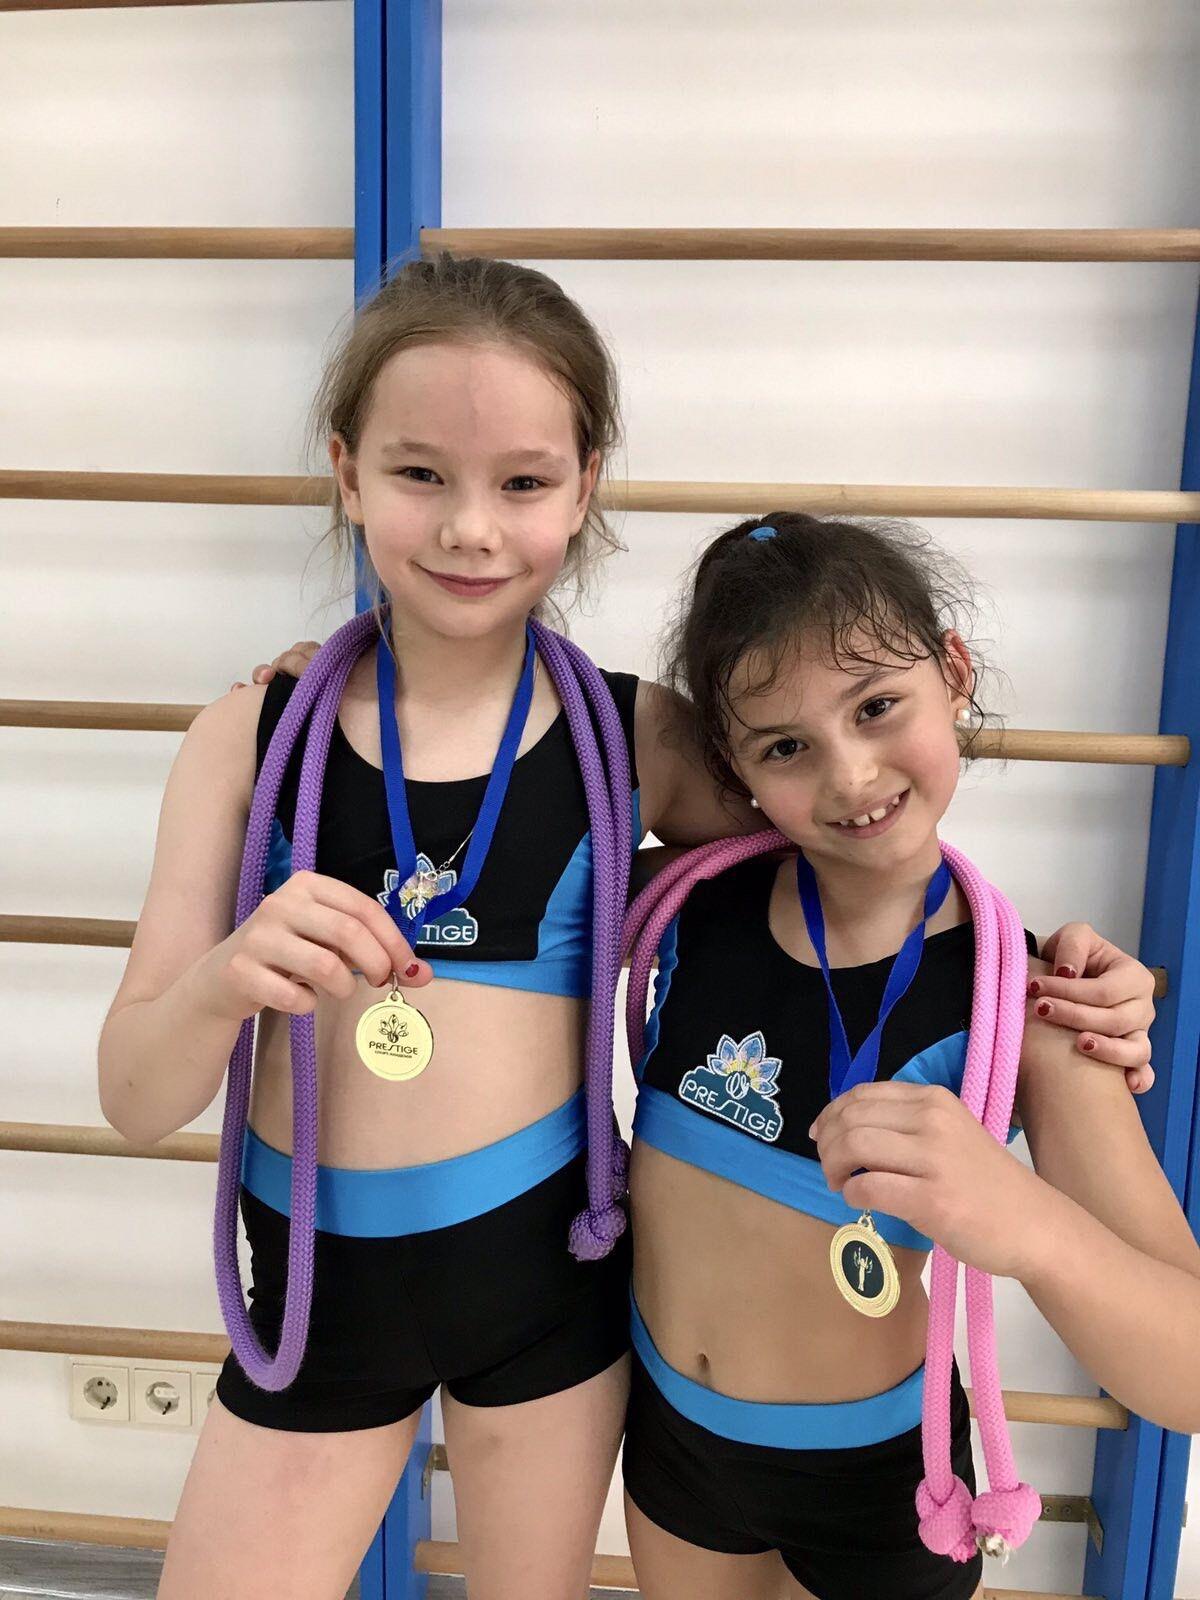 Kamaliya похвасталась спортивными успехами своей чемпионской семьи